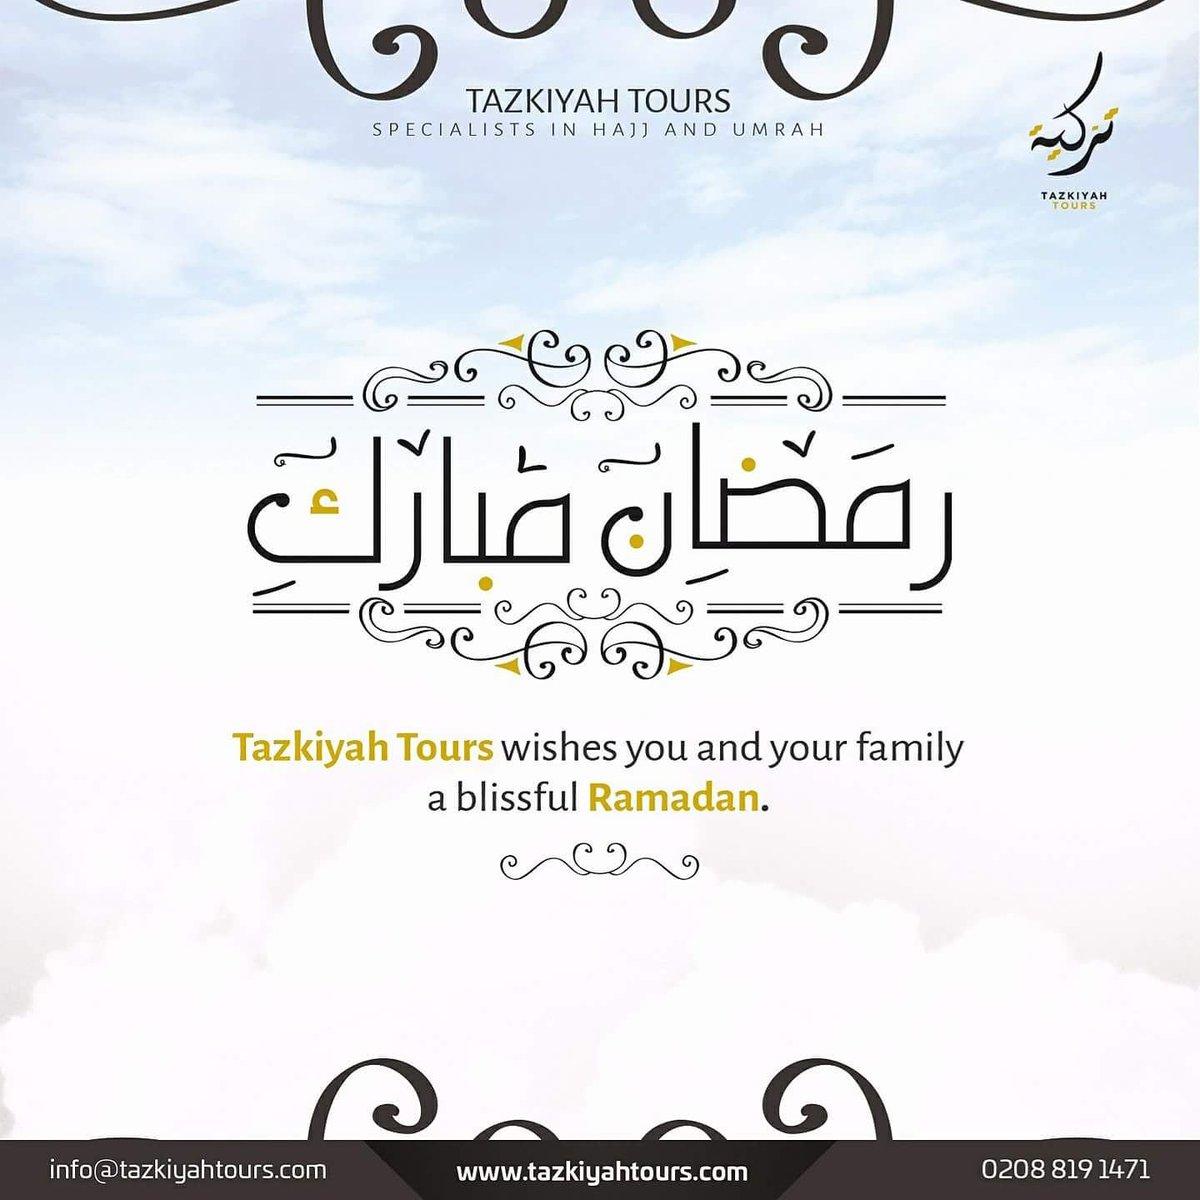 Tazkiyah Tours on Twitter: